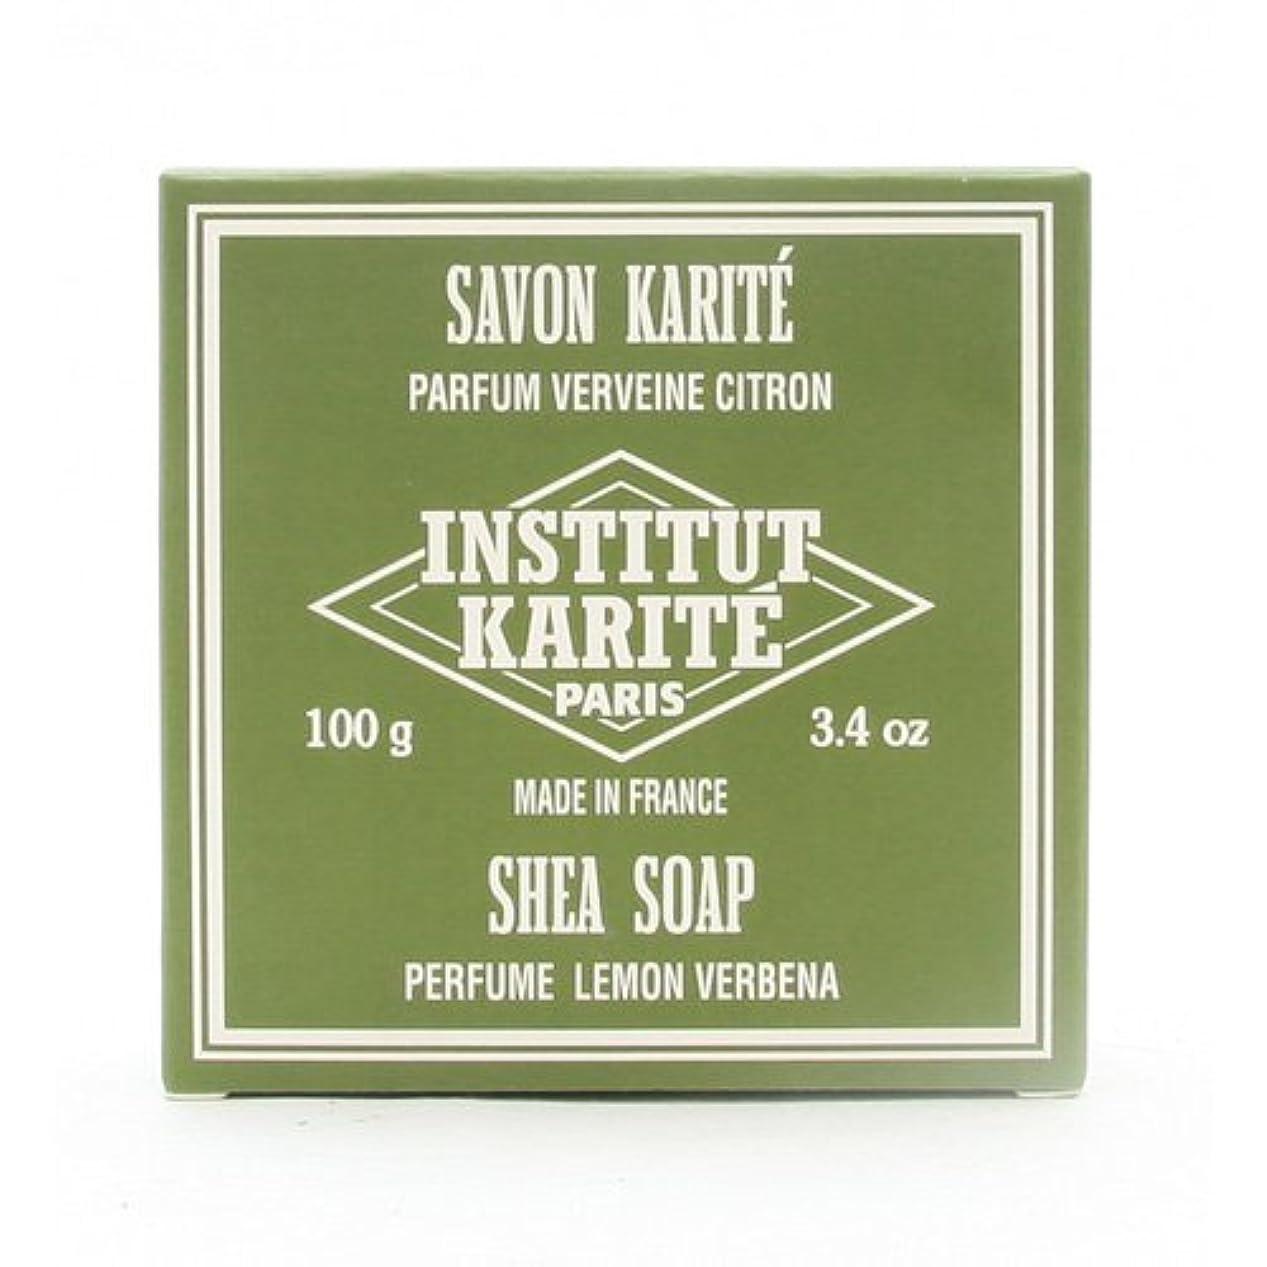 土地鮫鉛INSTITUT KARITE インスティテュート カリテ 25% Extra Gentle Soap ジェントルソープ 100g Lemon Vervenaレモンバーベナ